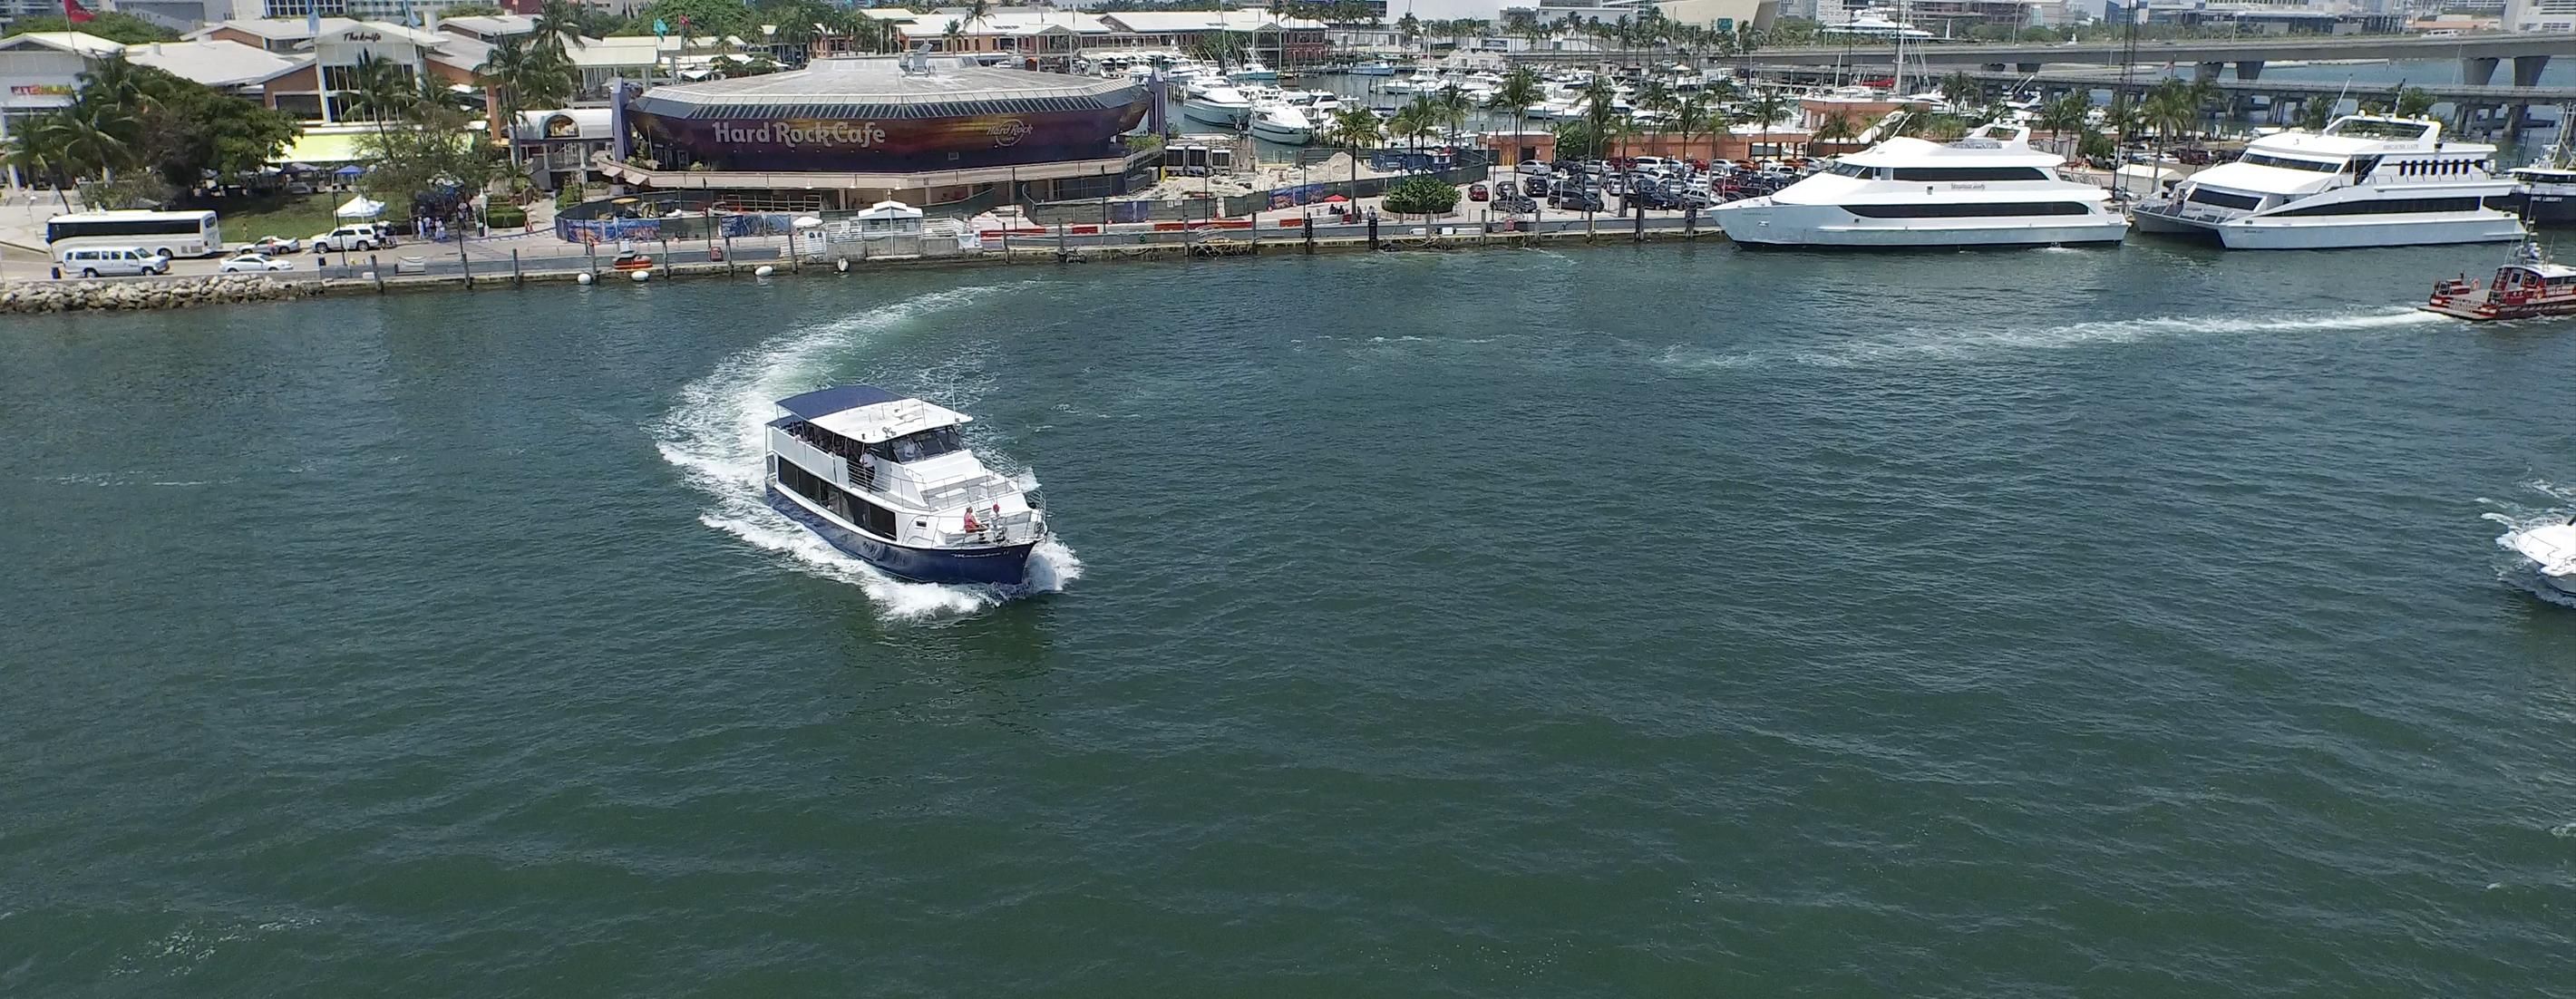 -miami-double-decker-bus-tour-bayside.jpg